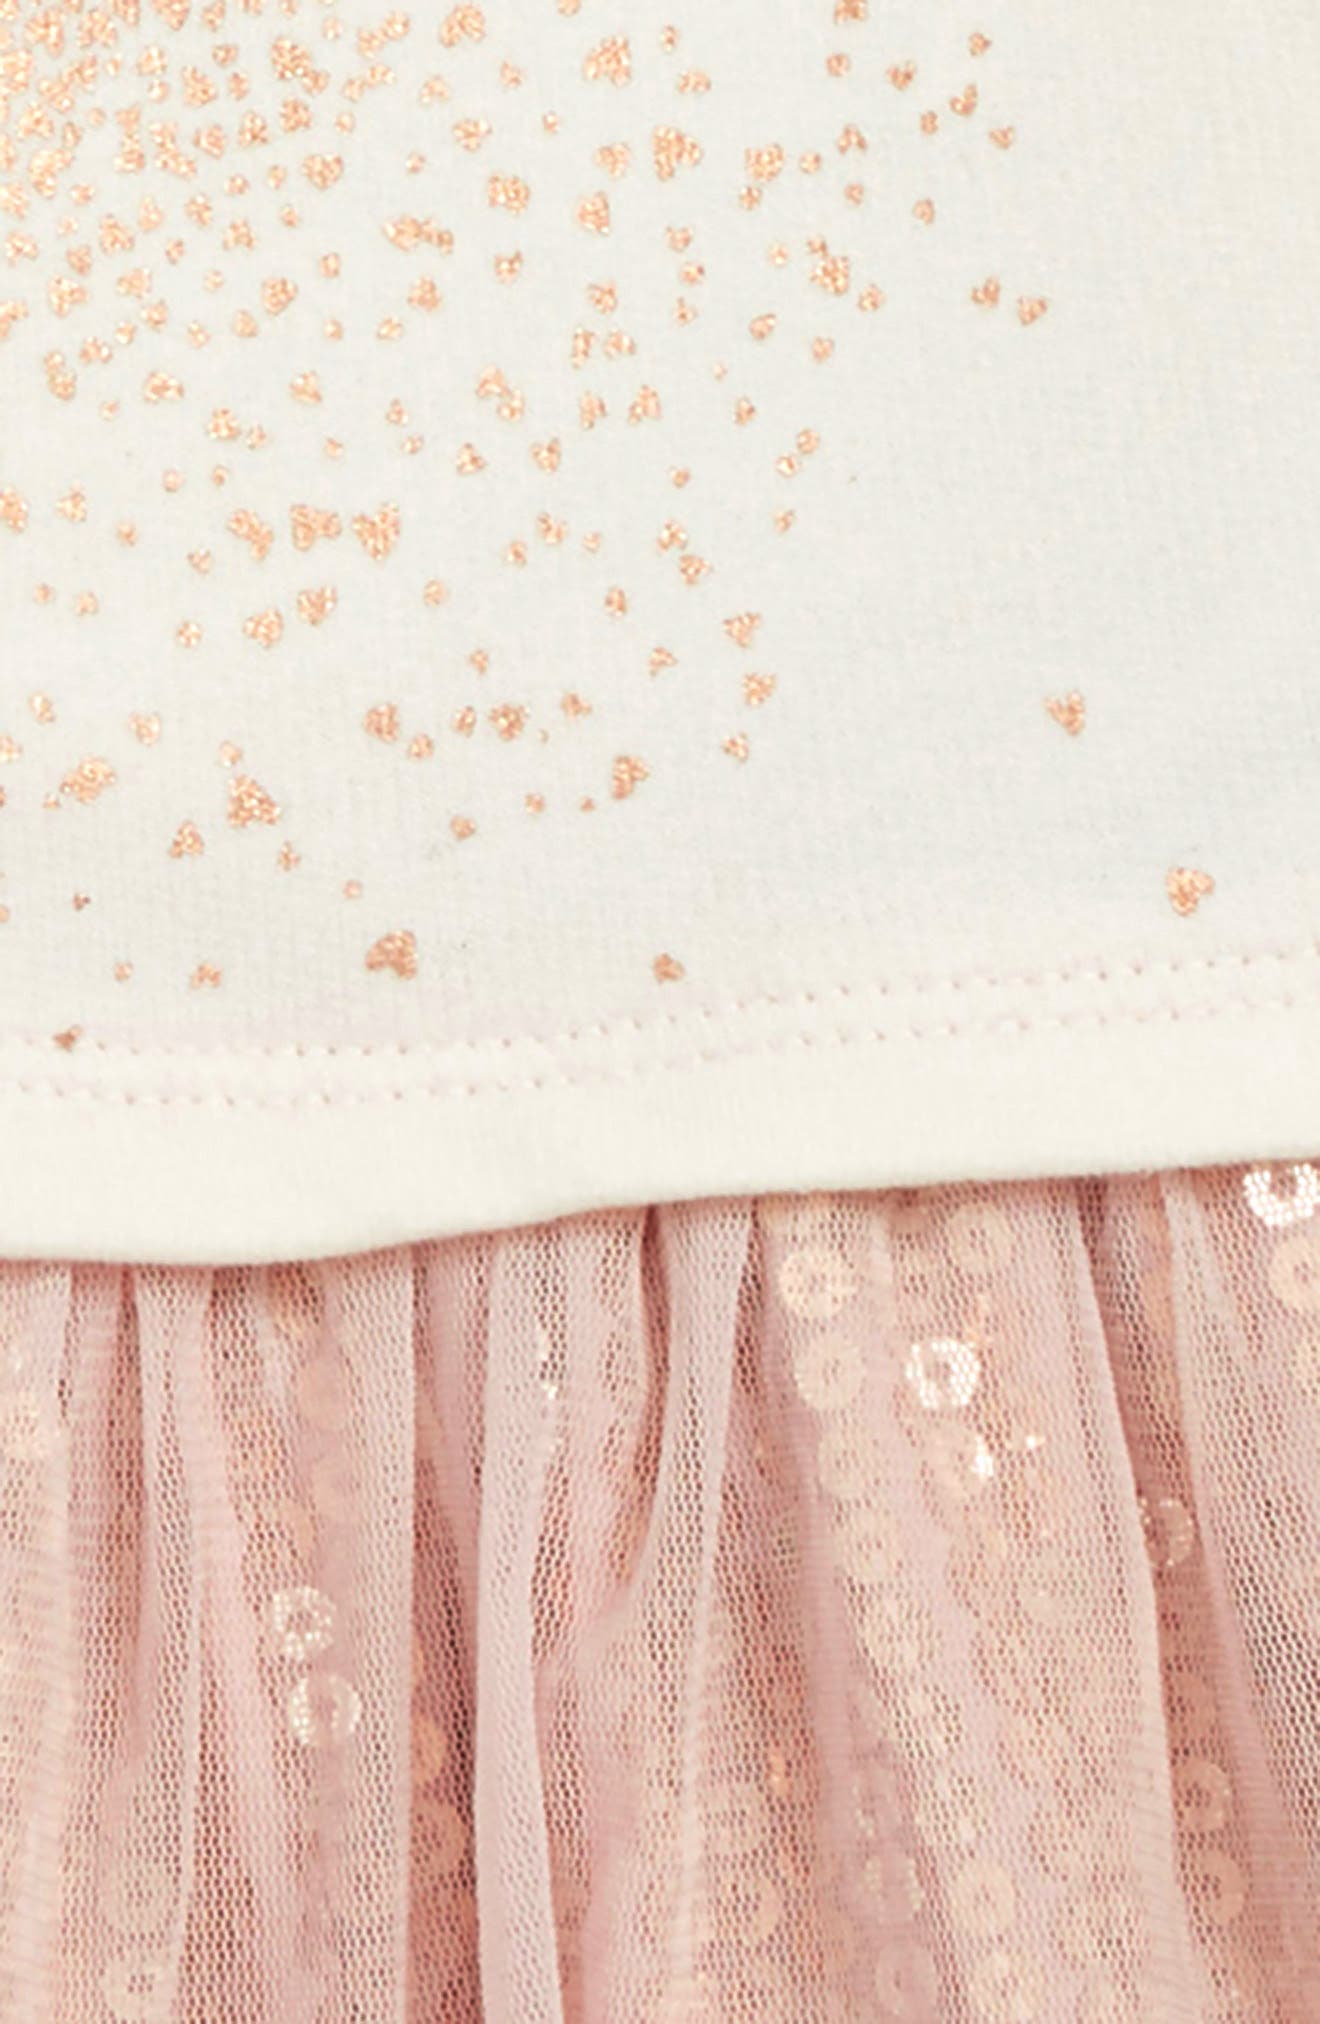 TUCKER + TATE, Sequin Tutu Dress, Alternate thumbnail 3, color, 900